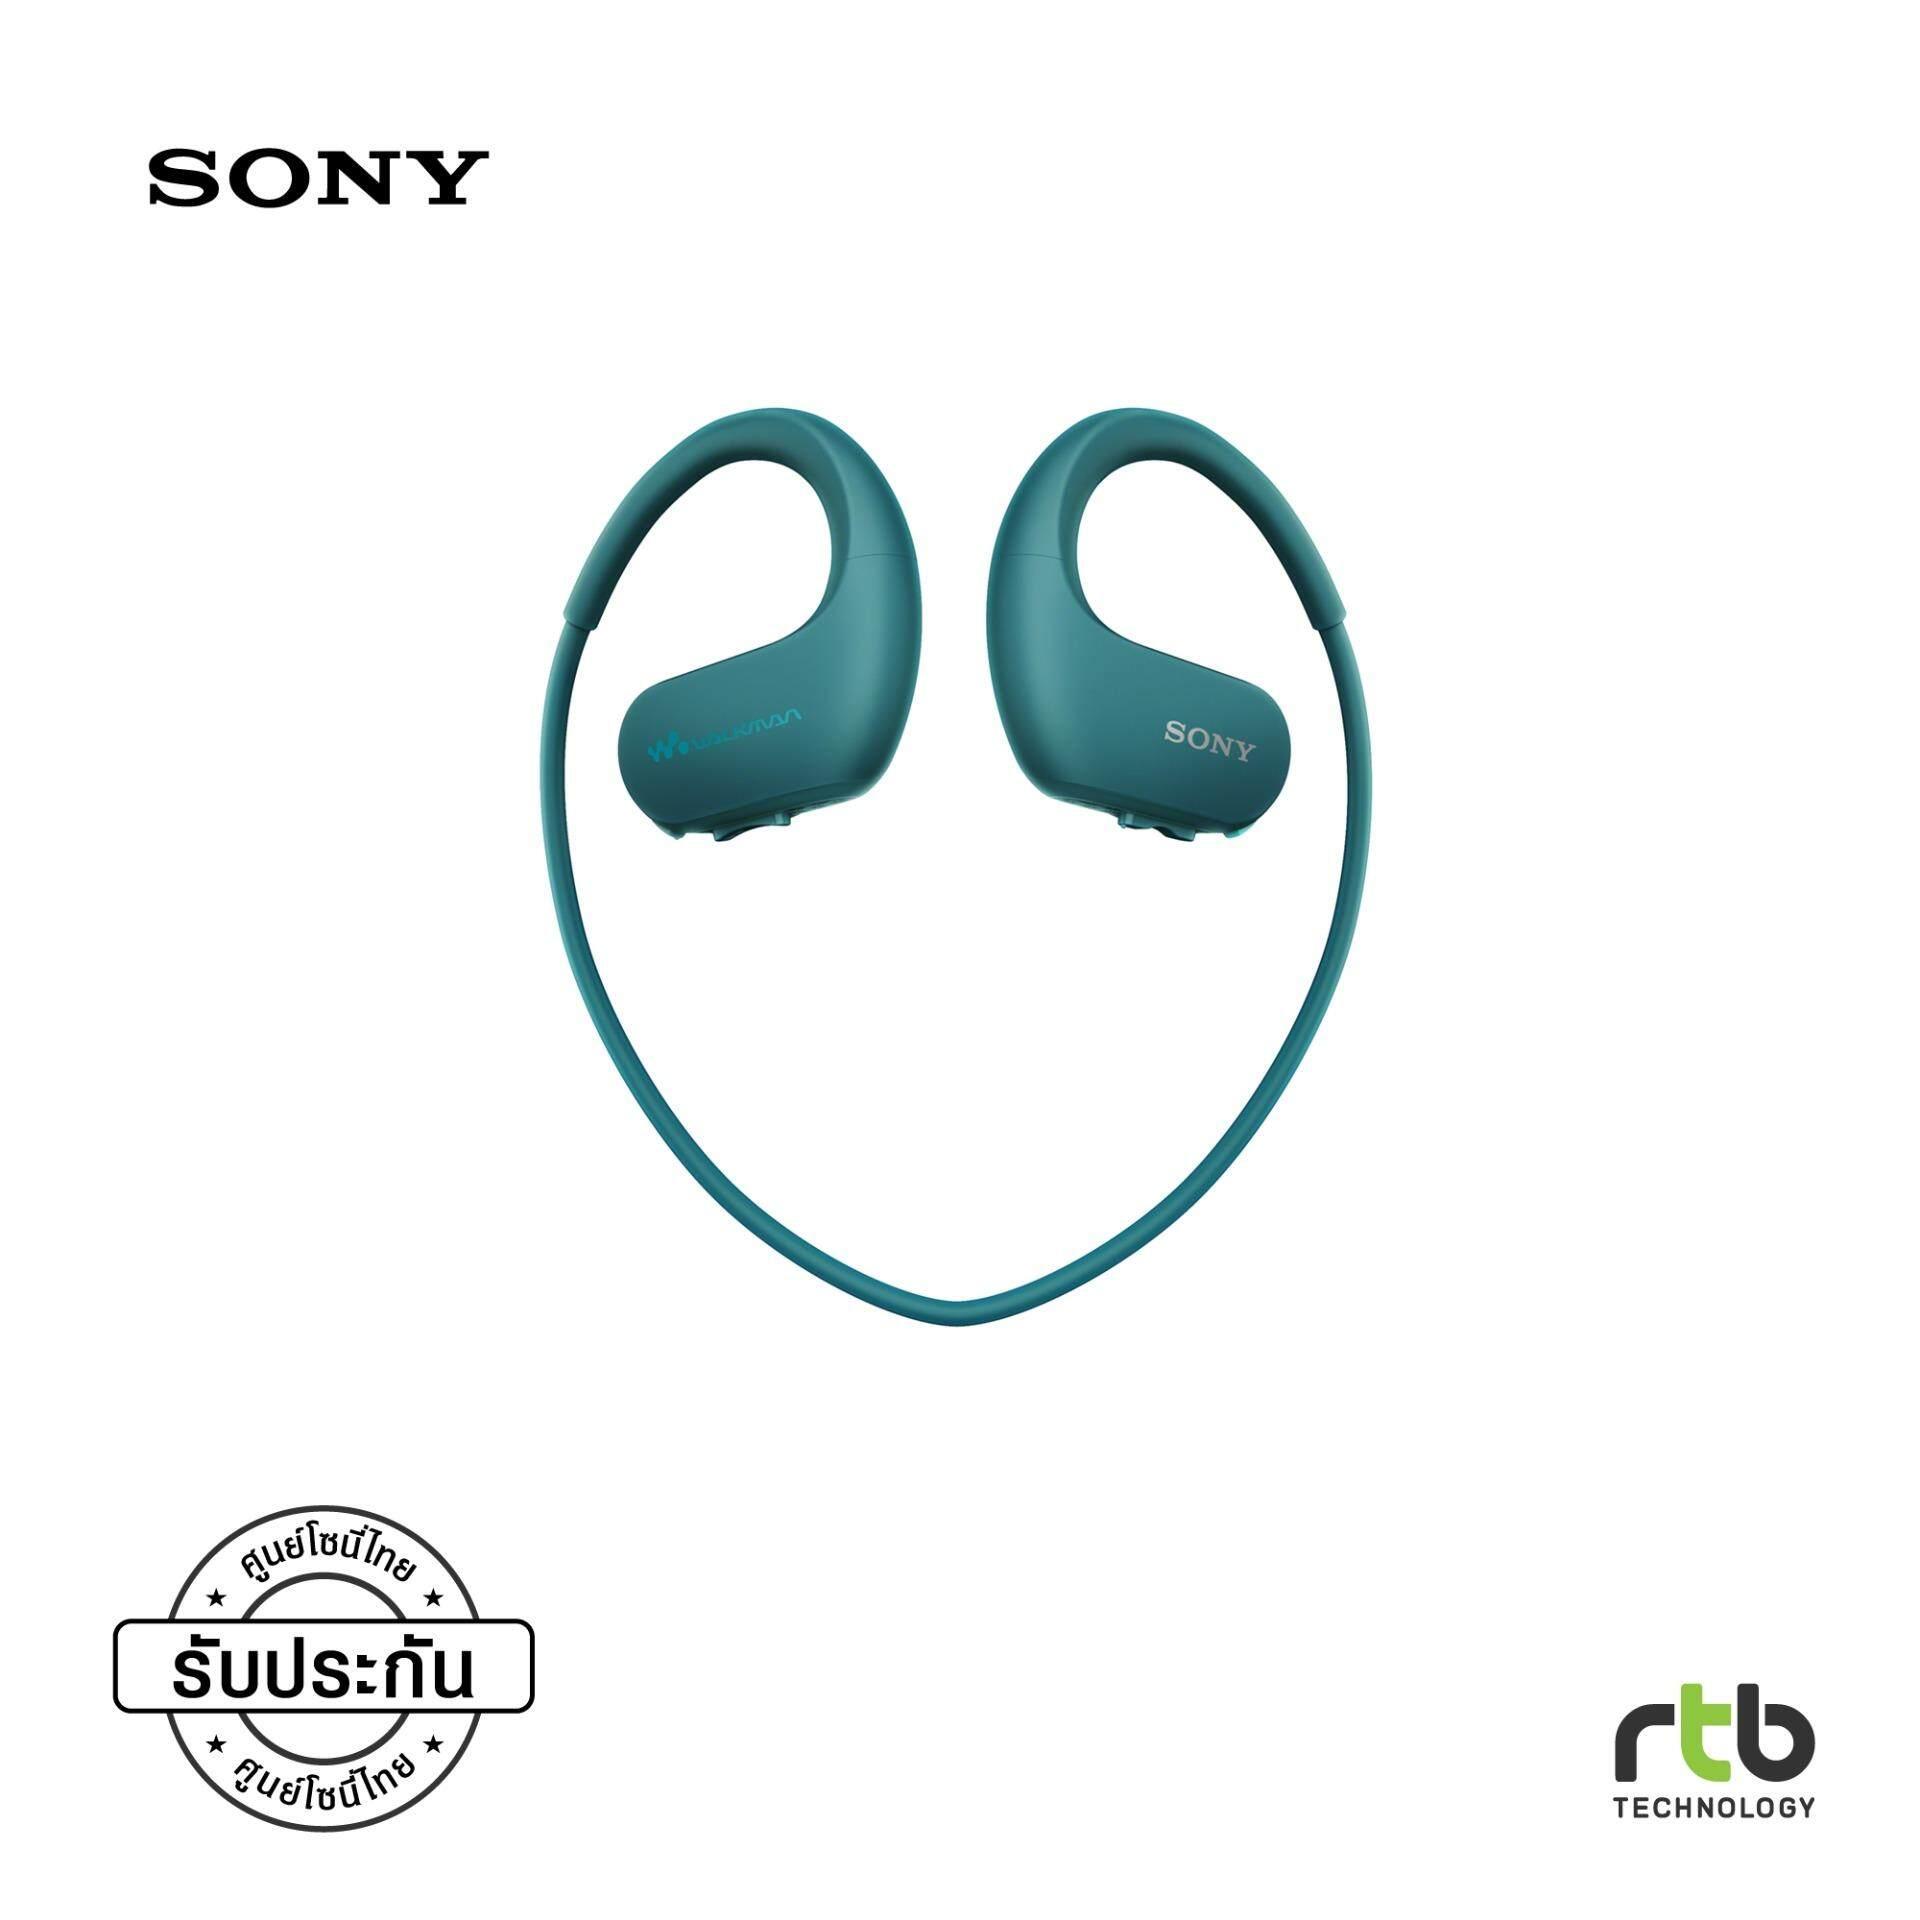 Sony หูฟังไร้สาย รุ่น NW WS413 Sport Walkman - Blue จะร้อนไปไหน Sony เปิดตัวแอร์พกพาติดที่เสื้อ สั่งงานผ่านมือถือ ลดอุณภูมิได้กว่า 13 องศา - จะร้อนไปไหน Sony เปิดตัวแอร์พกพาติดที่เสื้อ สั่งงานผ่านมือถือ ลดอุณภูมิได้กว่า 13 องศา